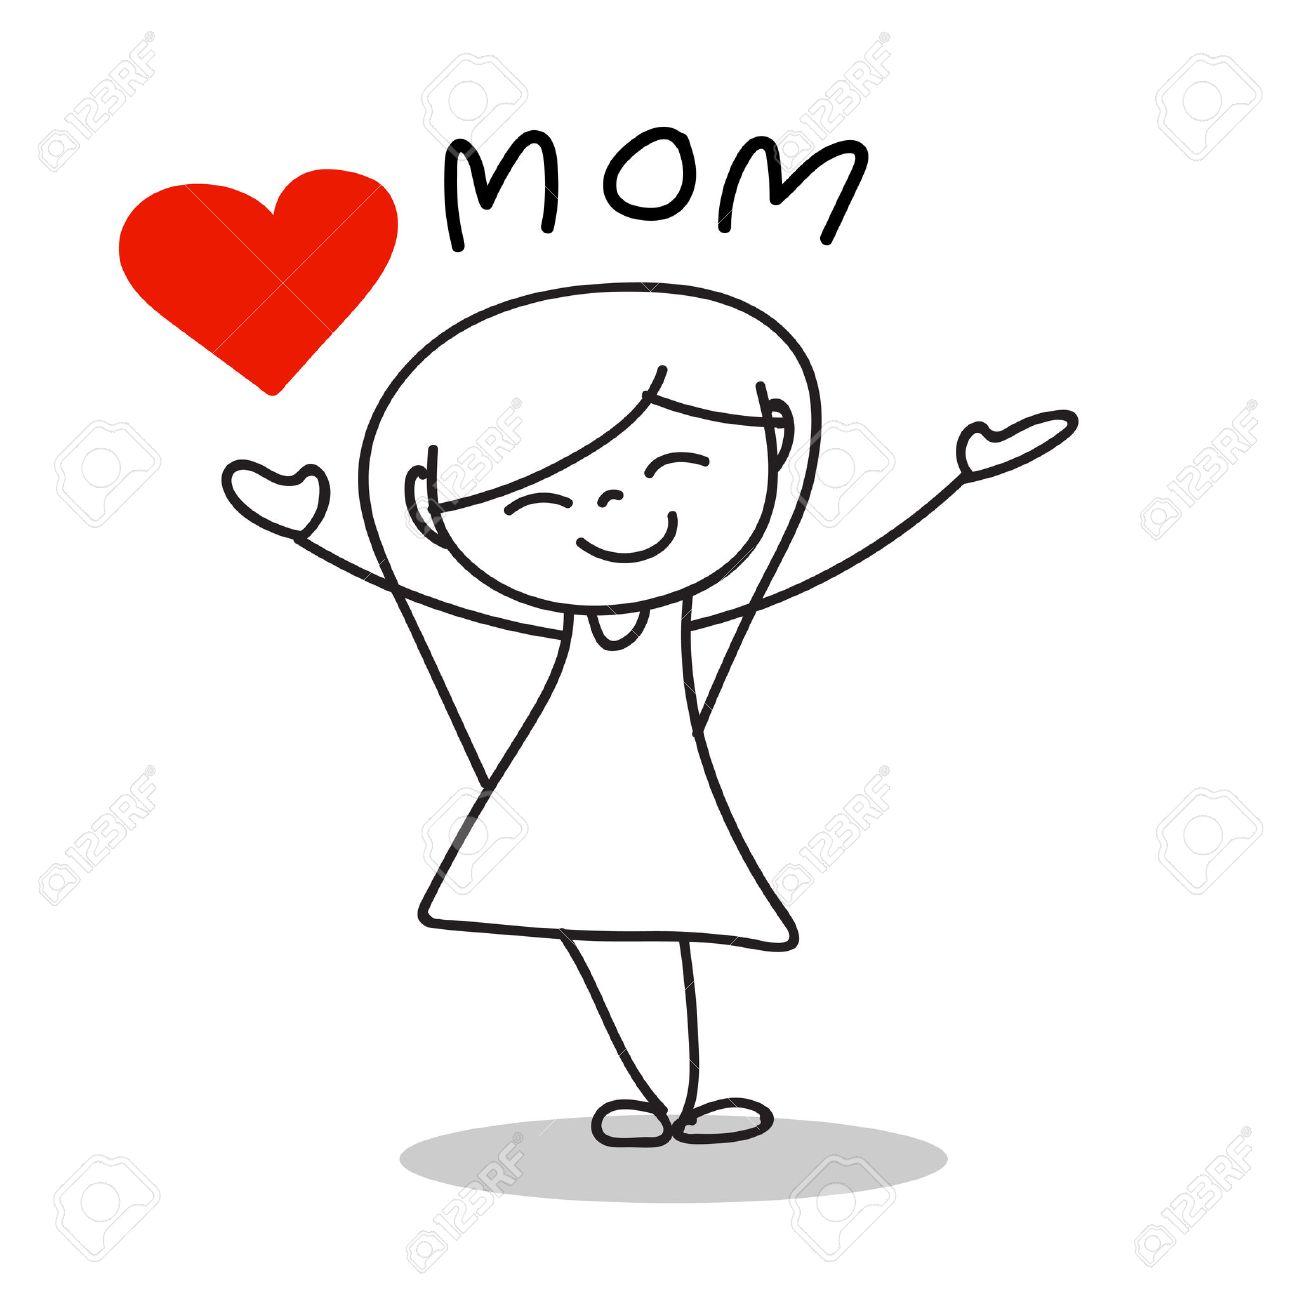 De Dibujos Animados Dibujo De La Mano Amor Mamá Día De Madre Feliz